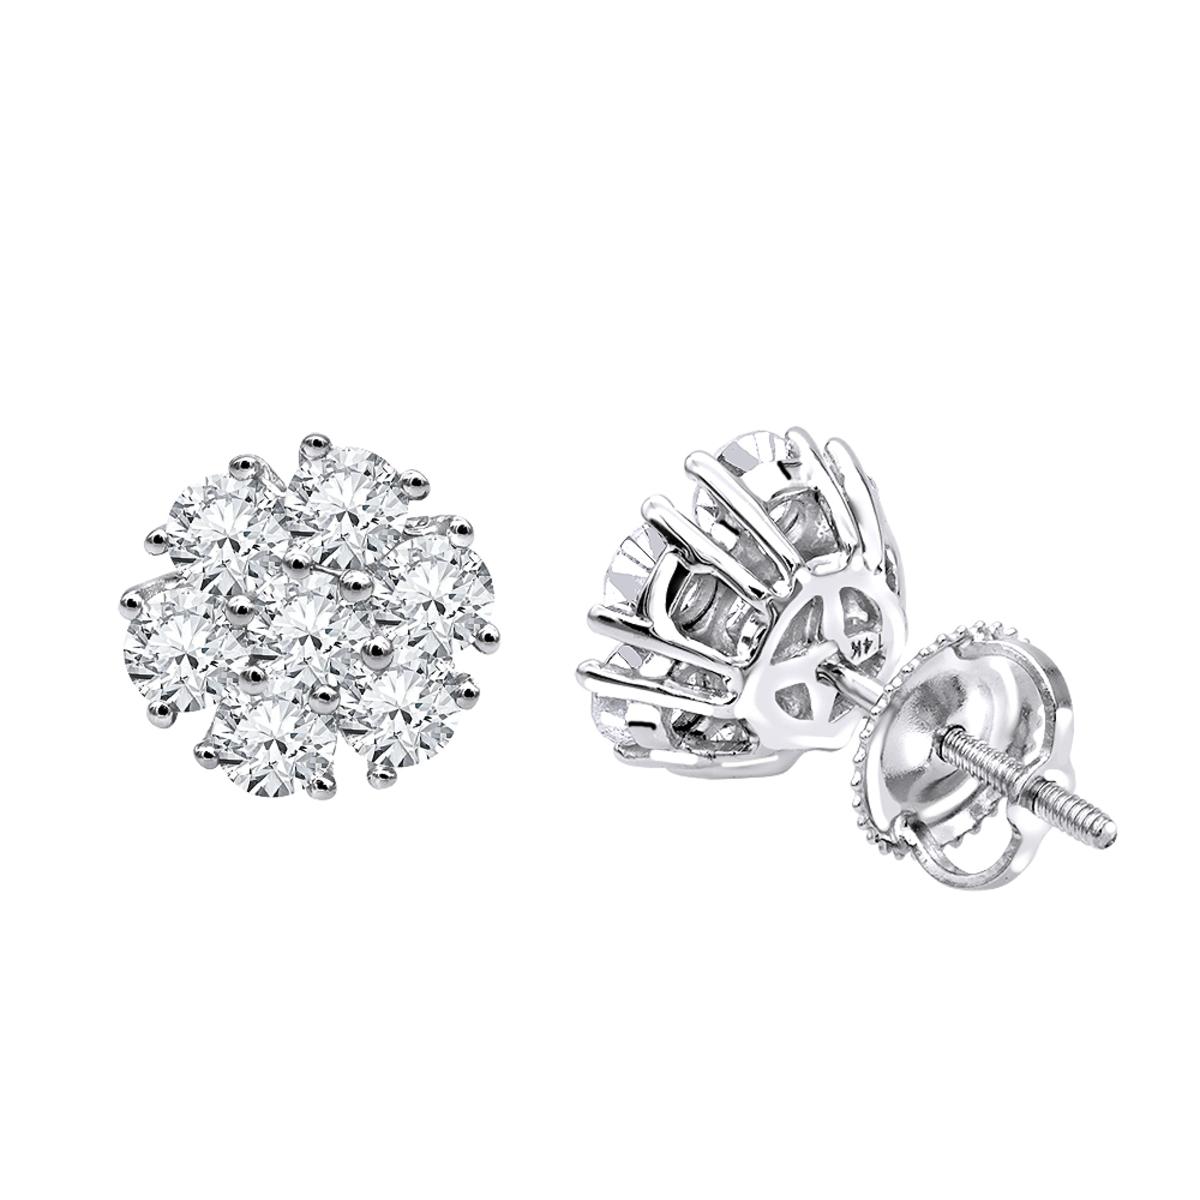 Luxurman 1 1/2ct Diamond Flower Cluster Earrings Studs in 14k Gold